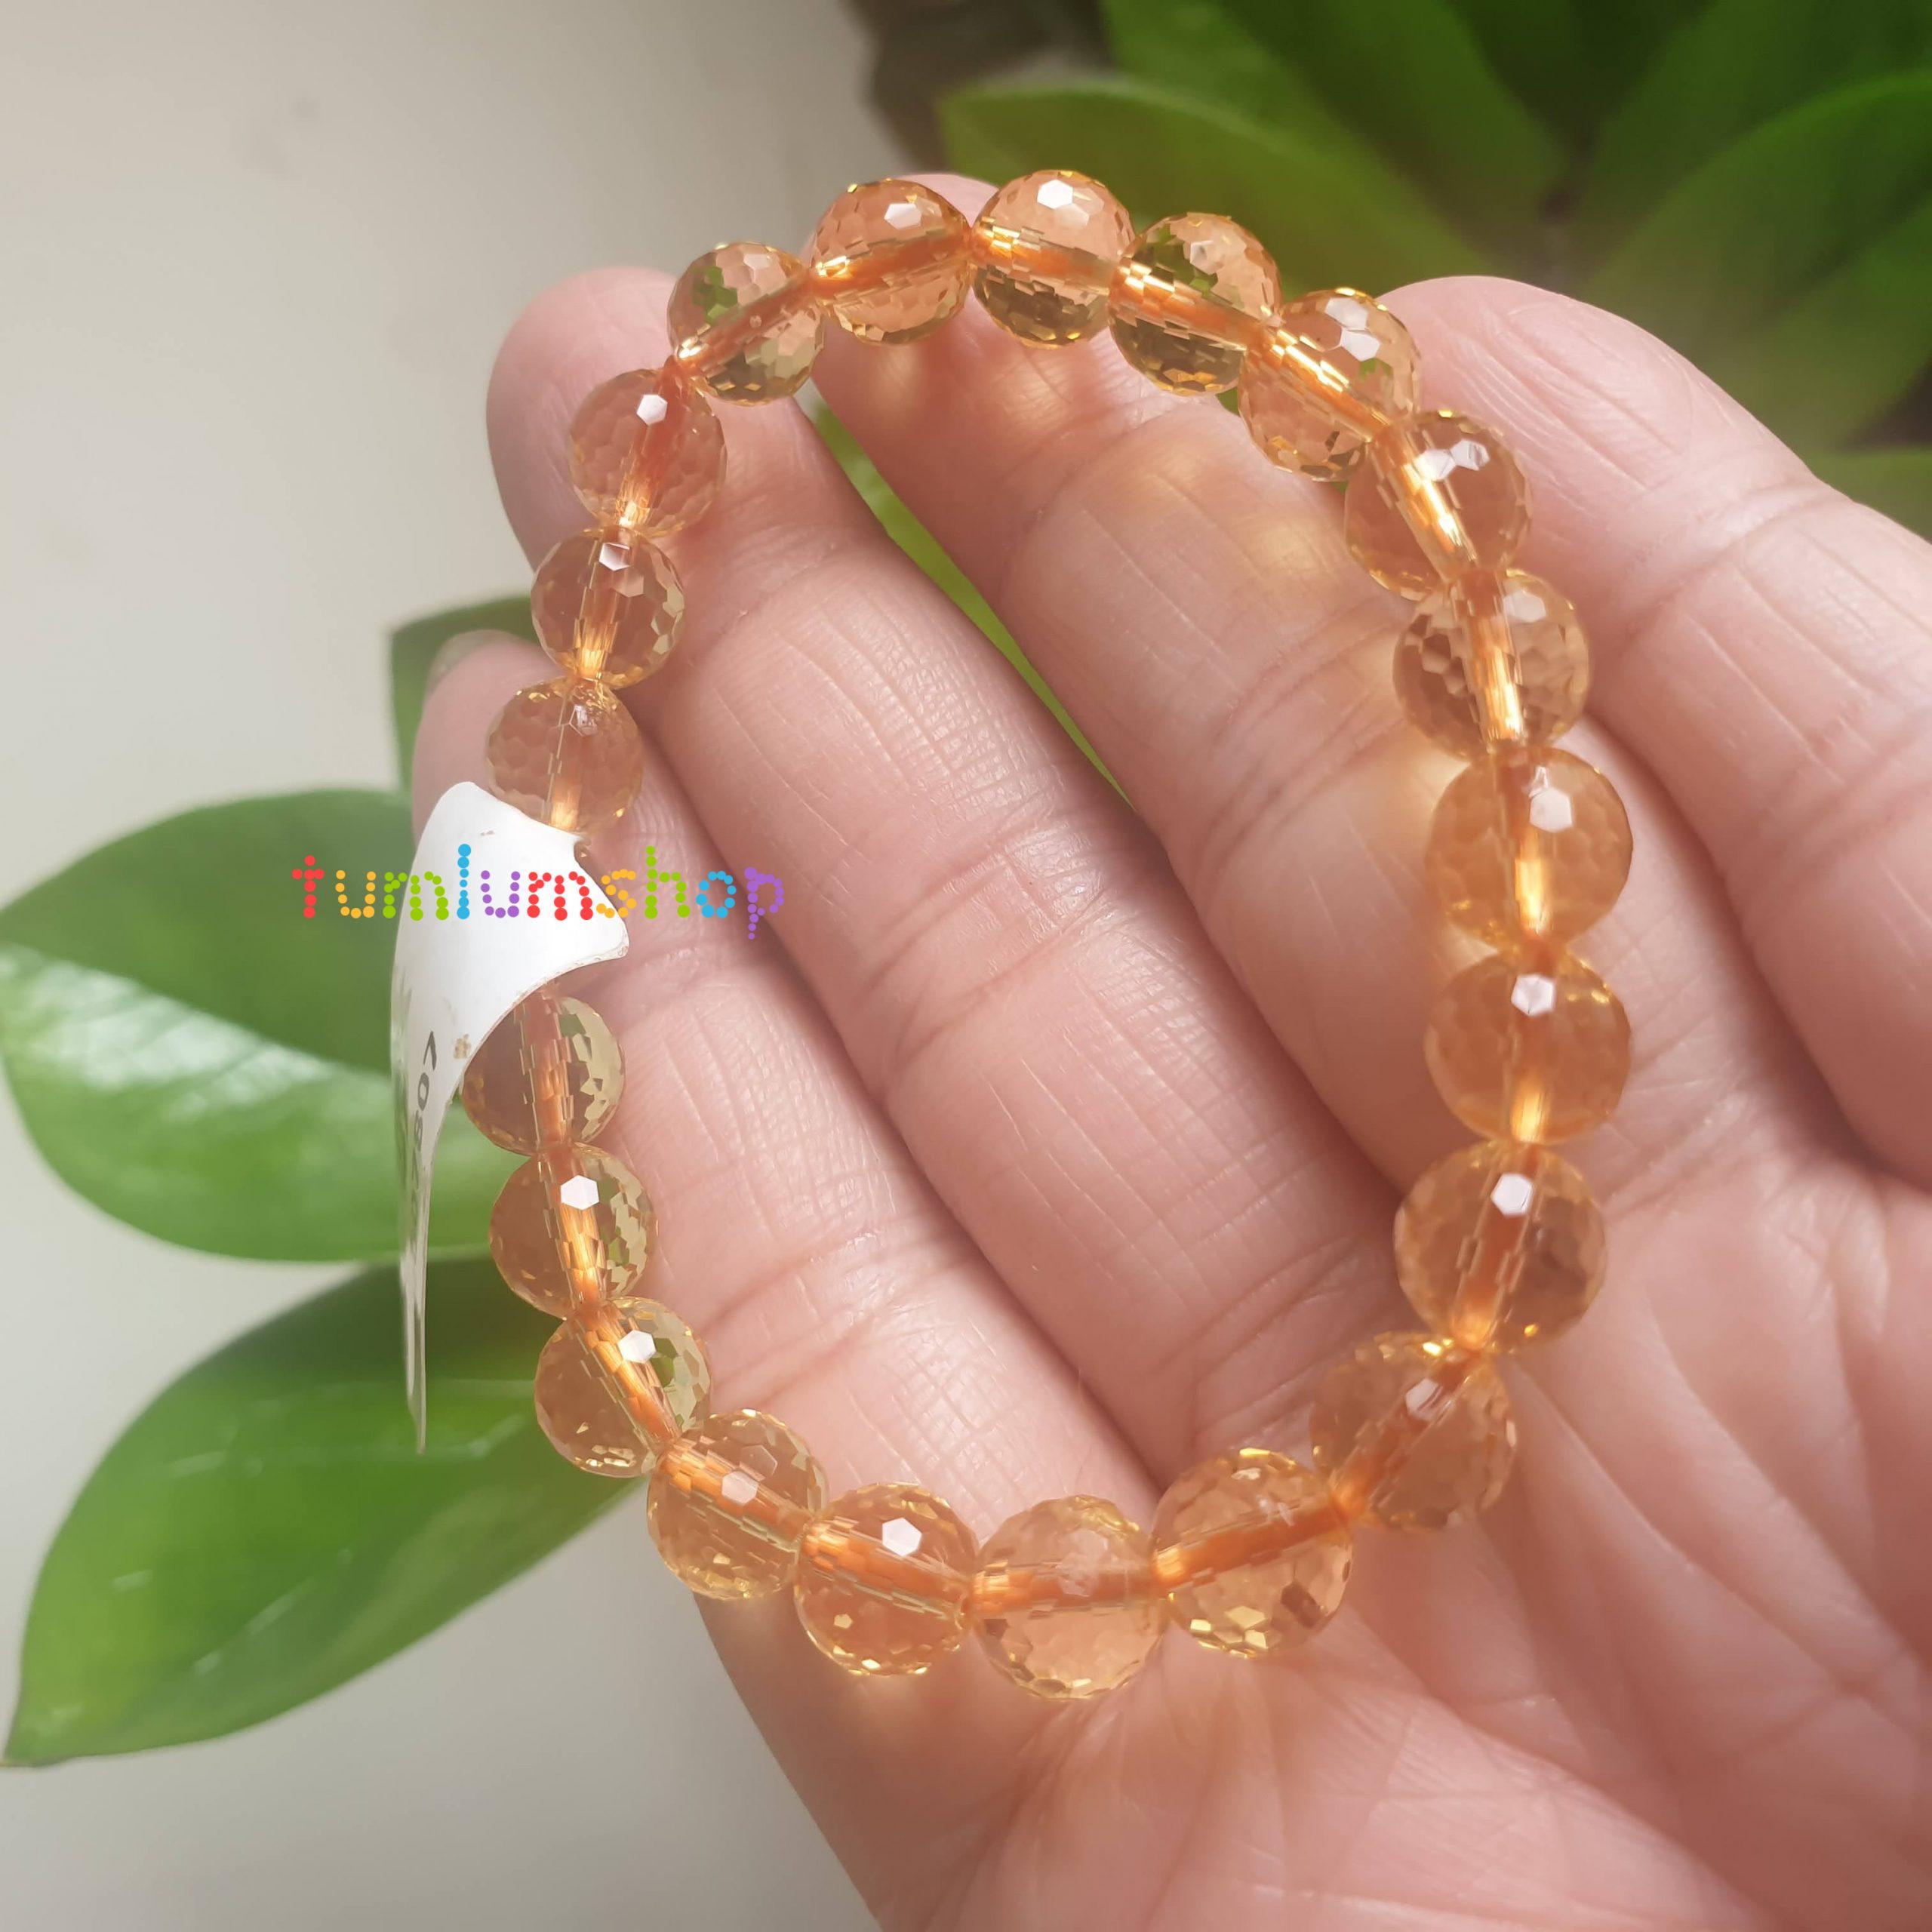 Vòng đeo tay Đá phong thuỷ Thạch Anh vàng cắt giác - Đá tự nhiên 100% trong suốt